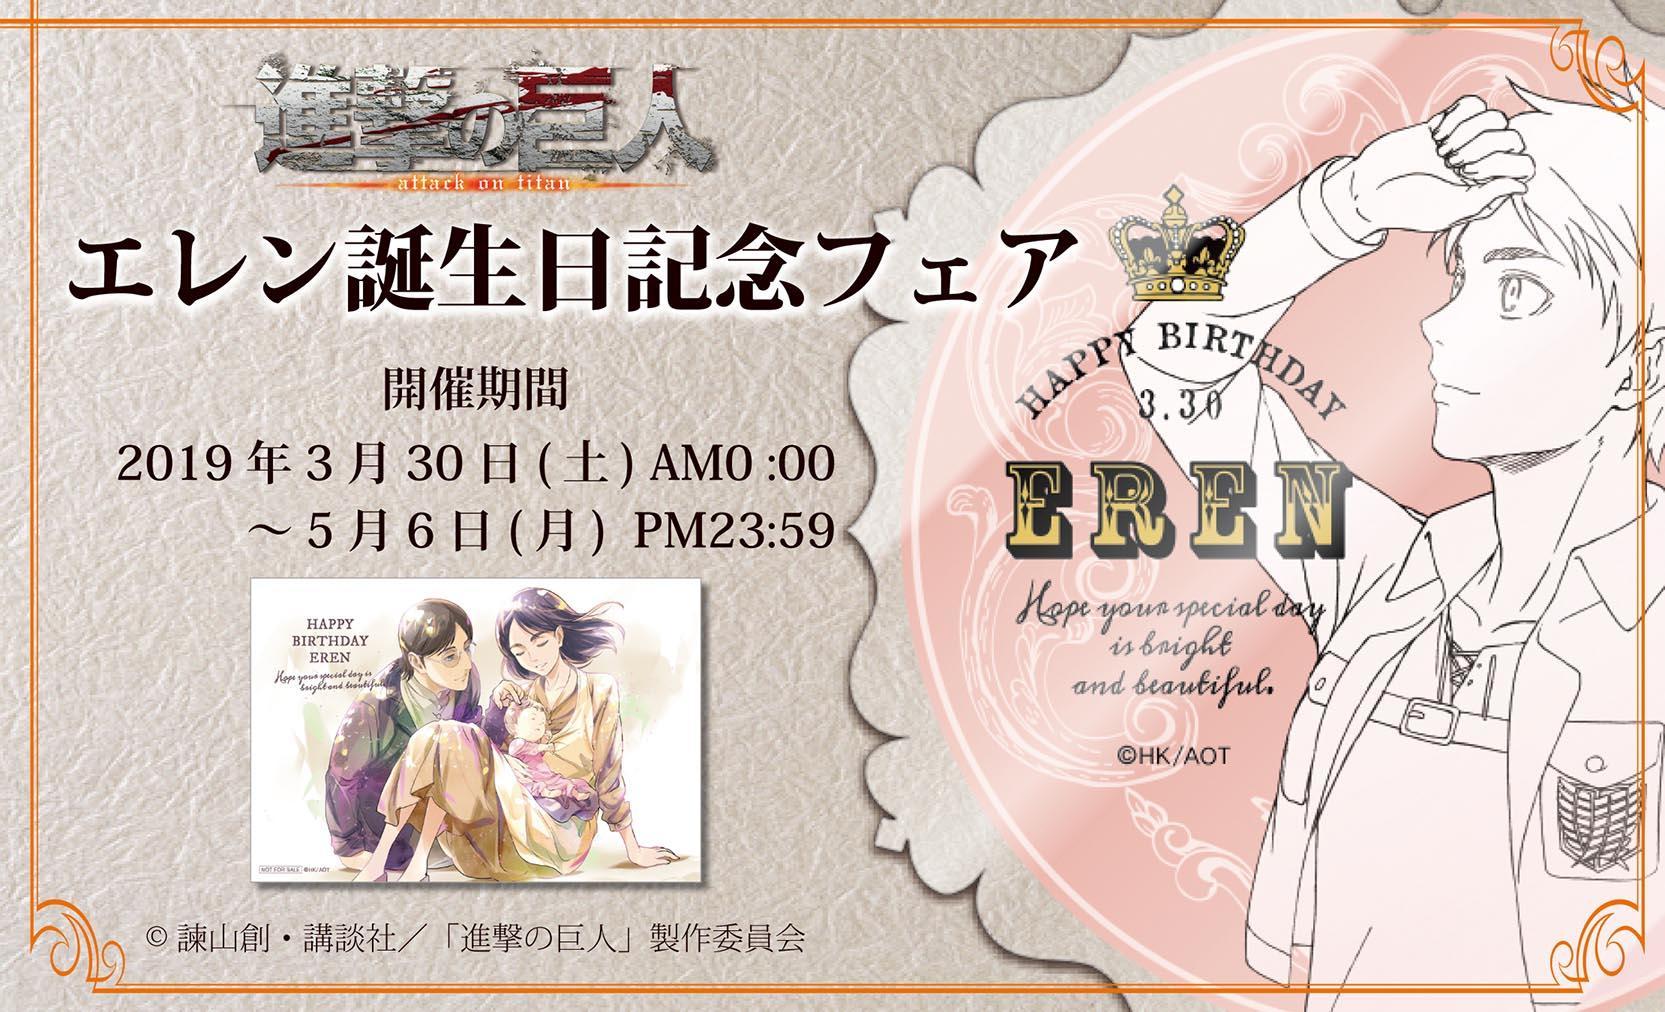 『進撃の巨人』エレン・イェーガー誕生日記念フェア開催決定!